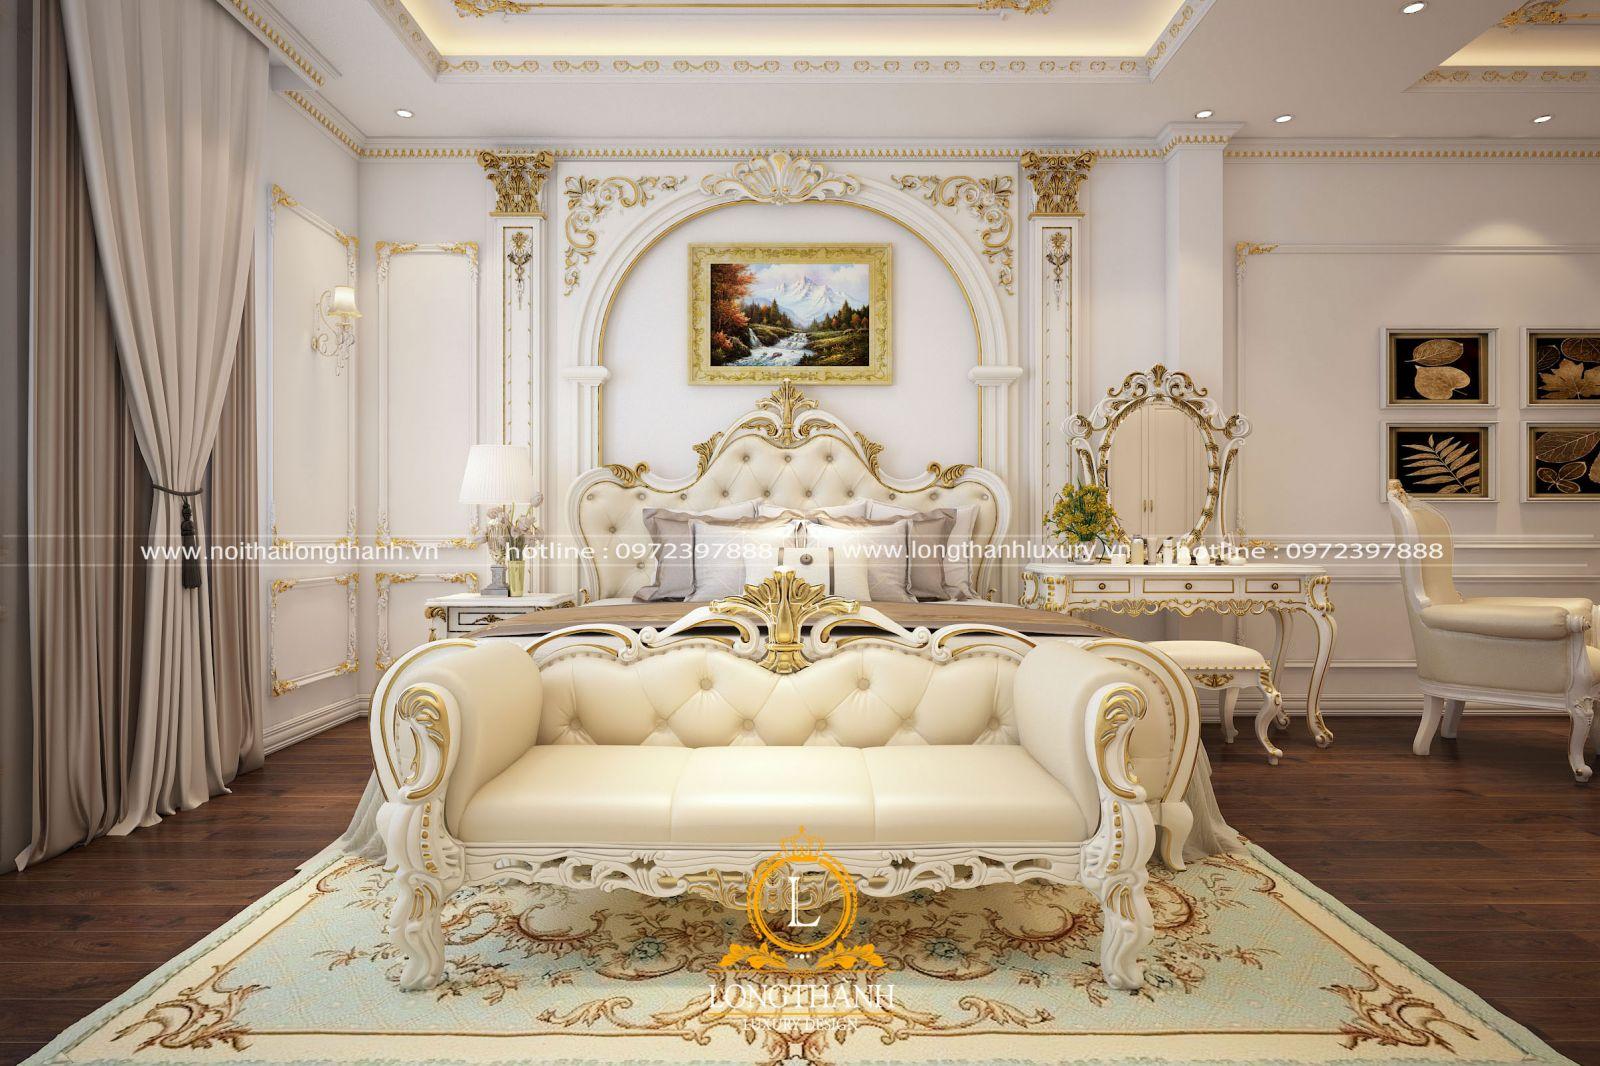 Nội thất phòng ngủ cao cấp phong cách tân cổ điển